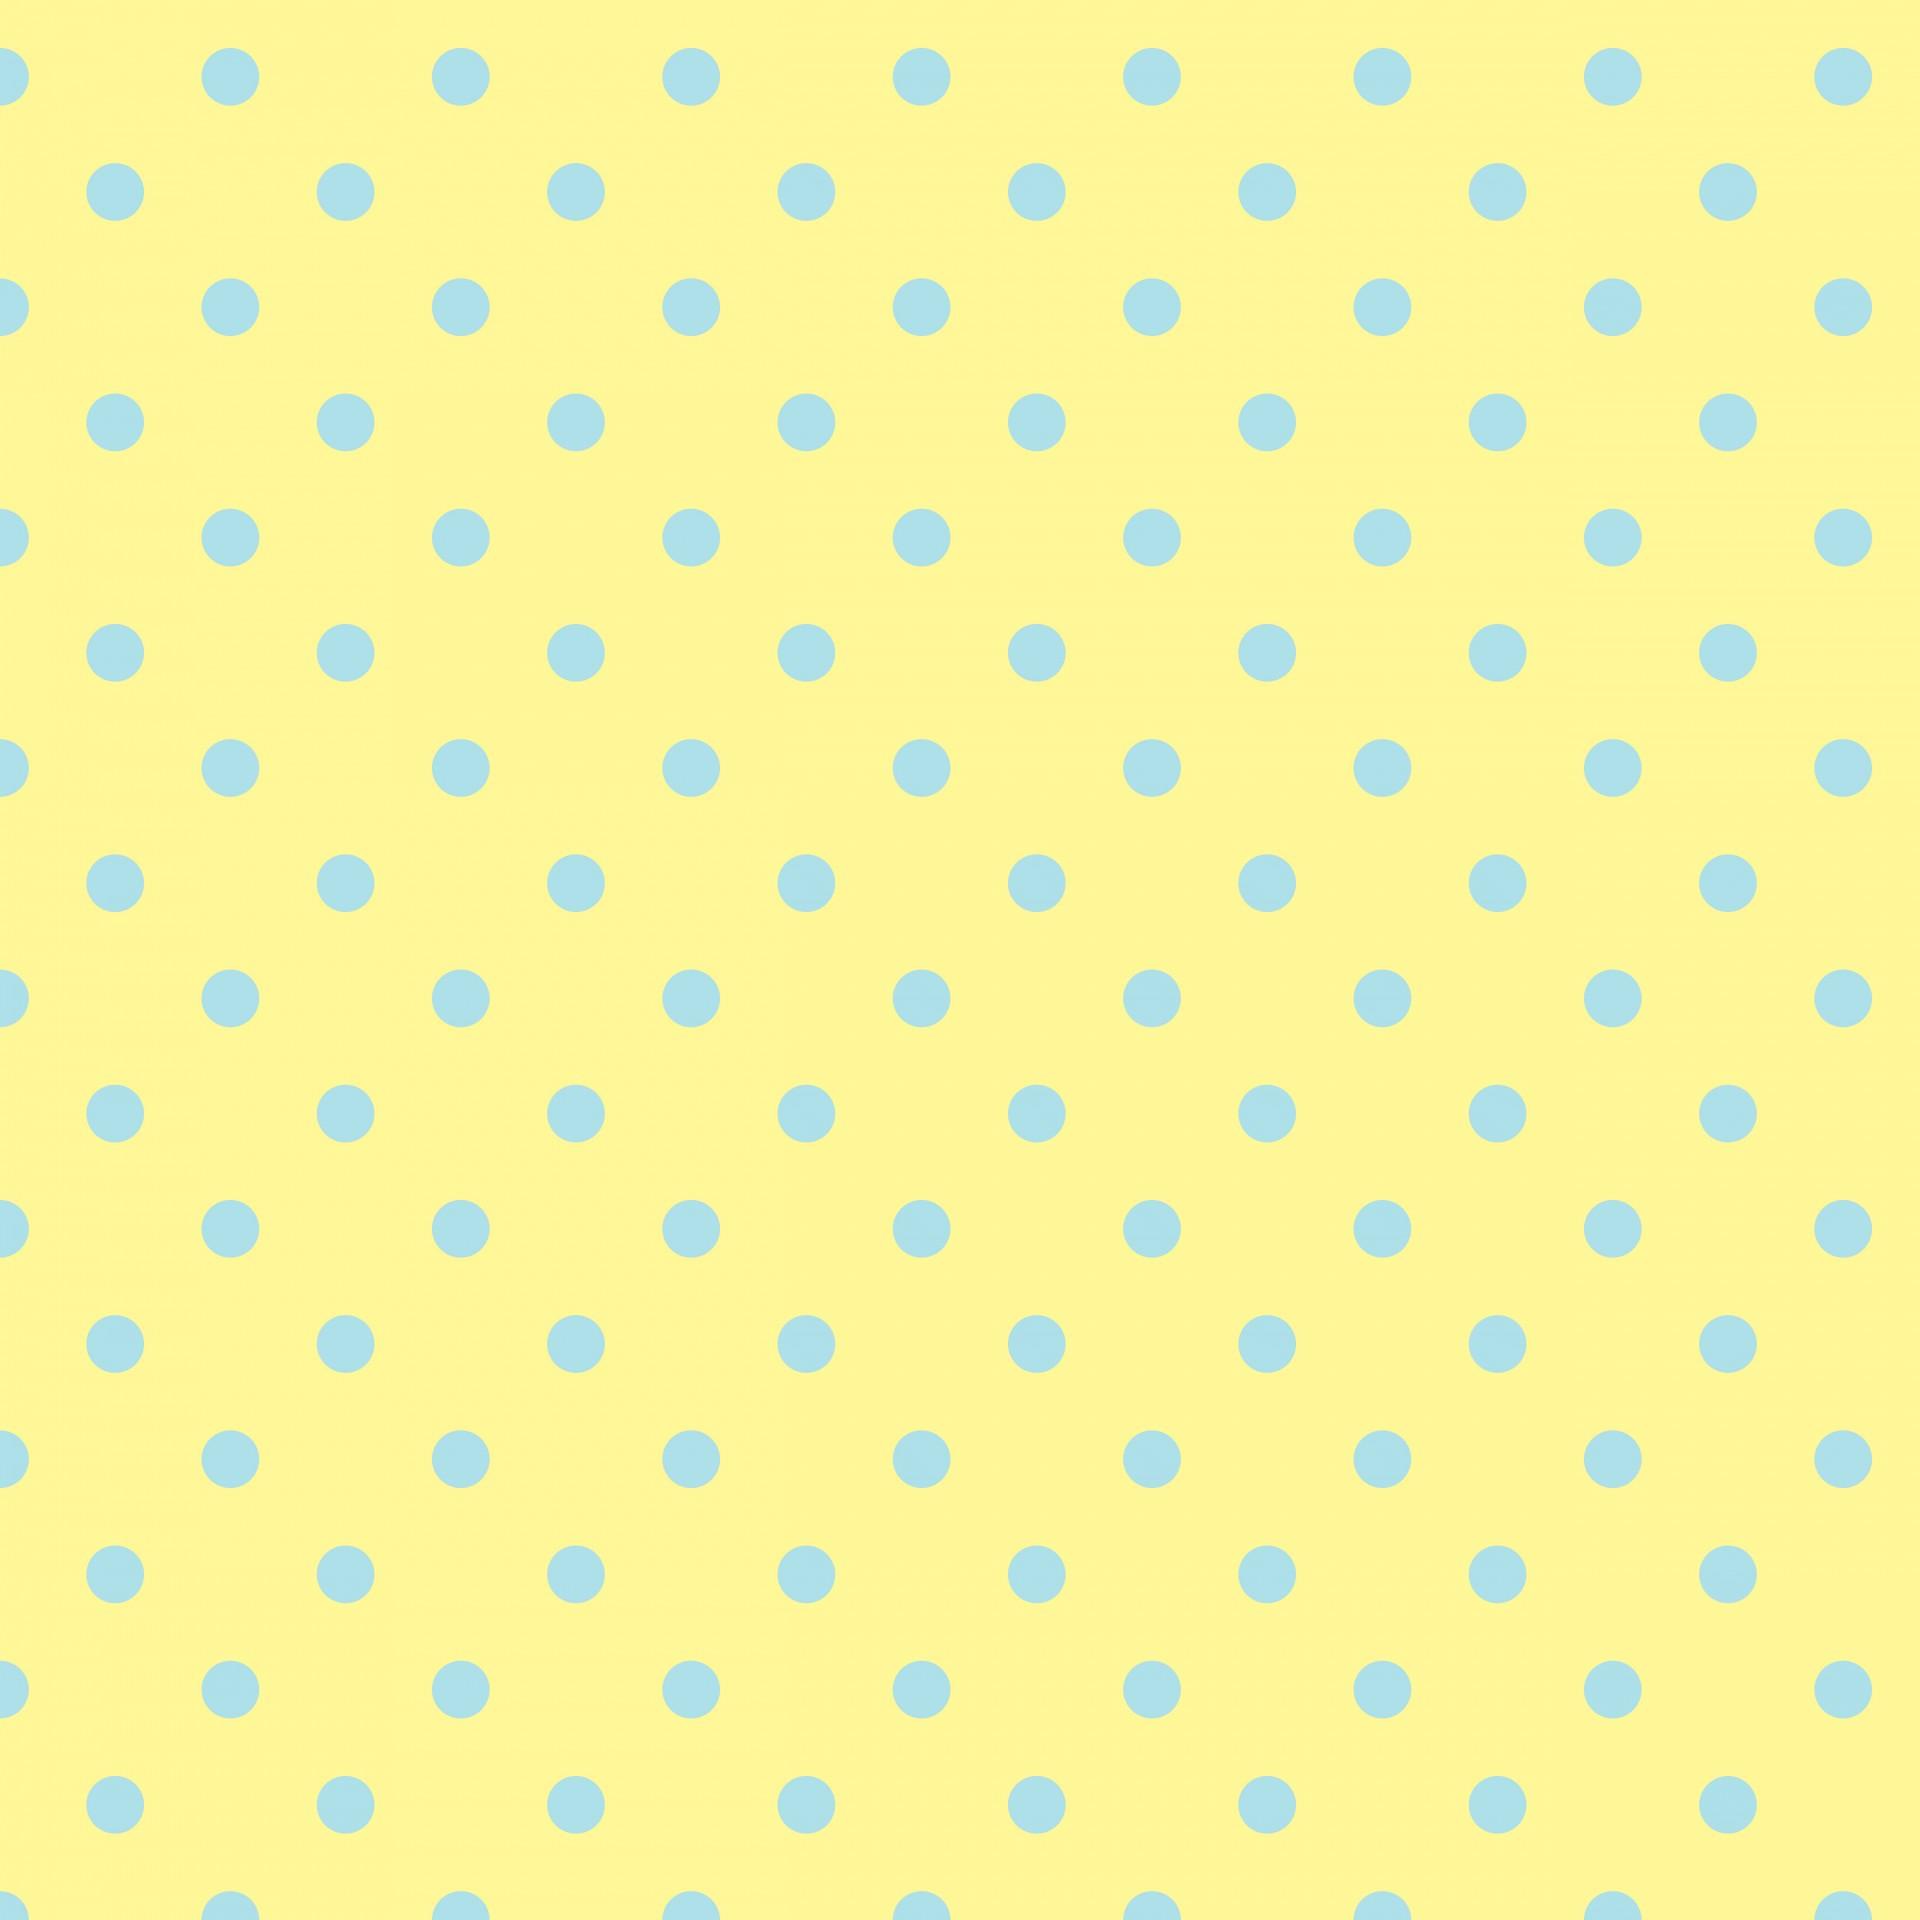 images Blue Yellow Polka Dots polka dots yellow blue free stock photo